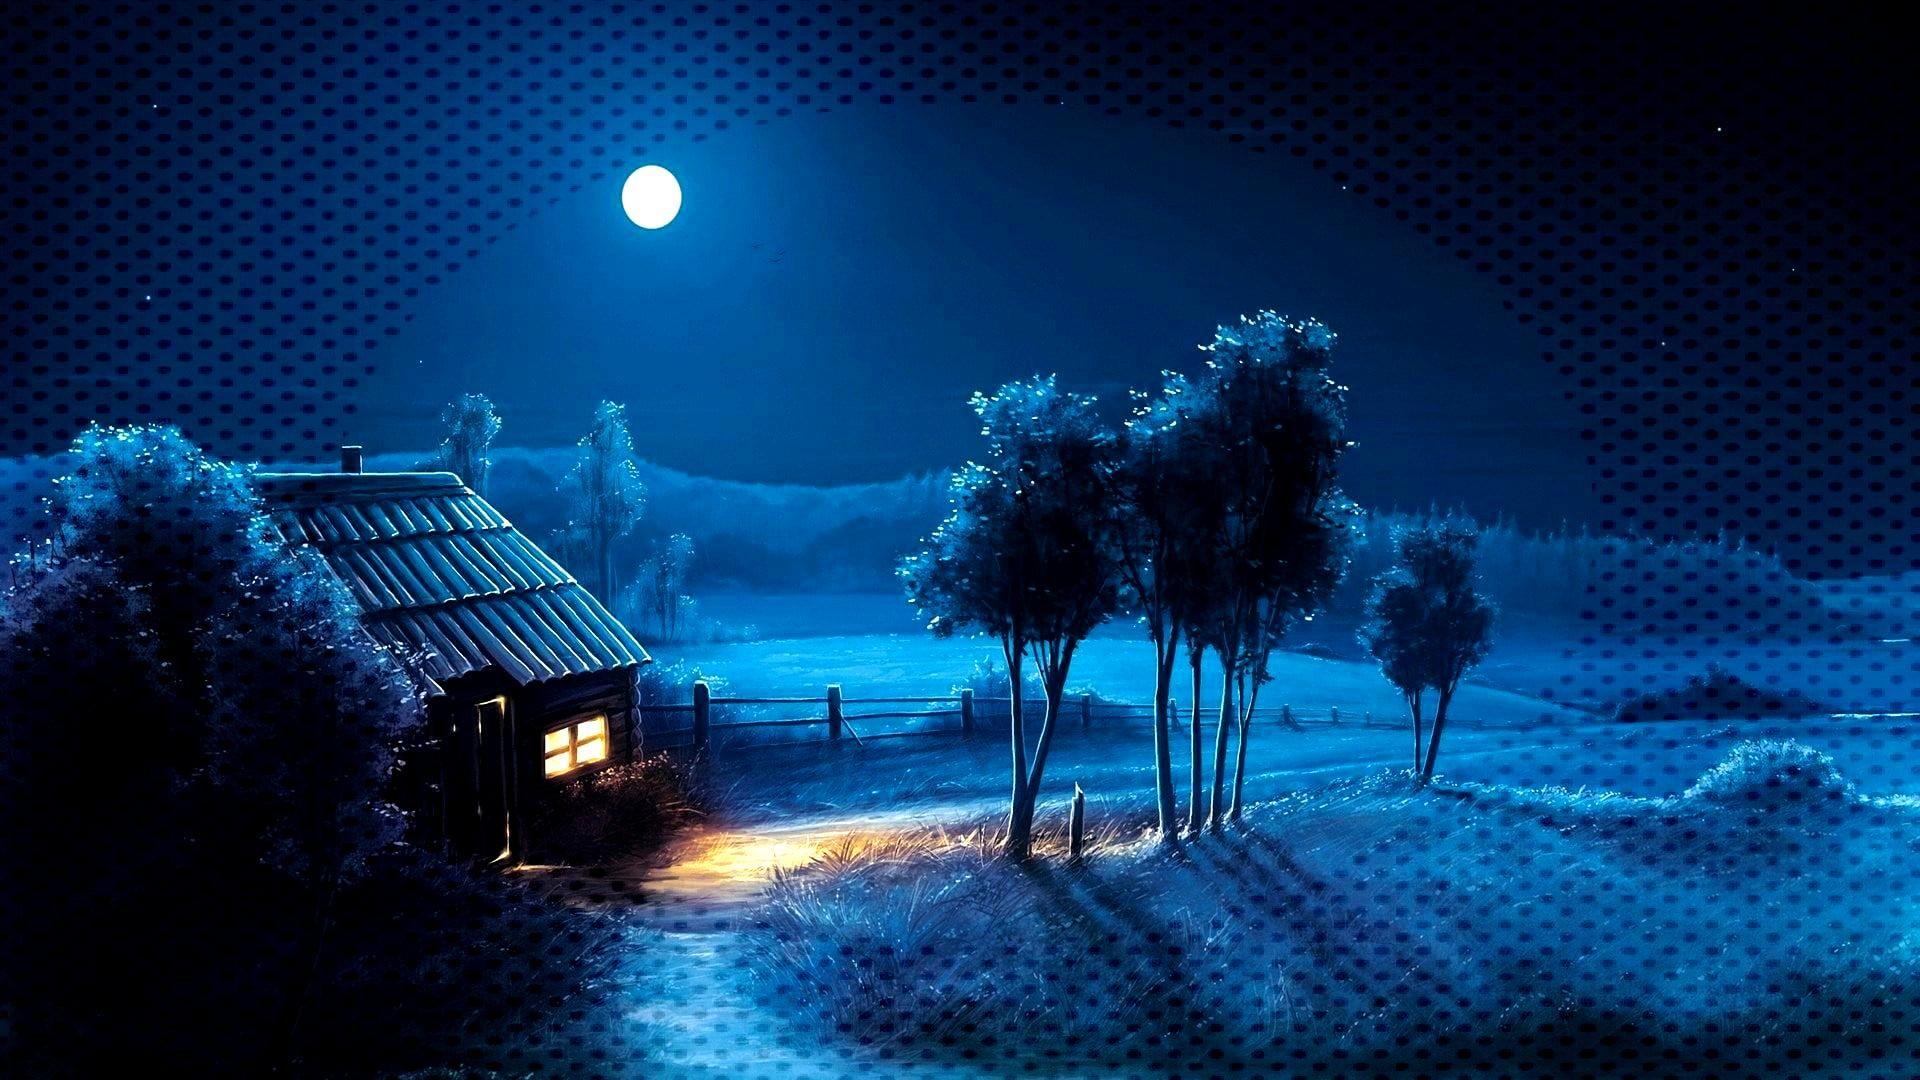 Hdwallpaper Moonlight Landscape Wallpaper Darkness Fantasy